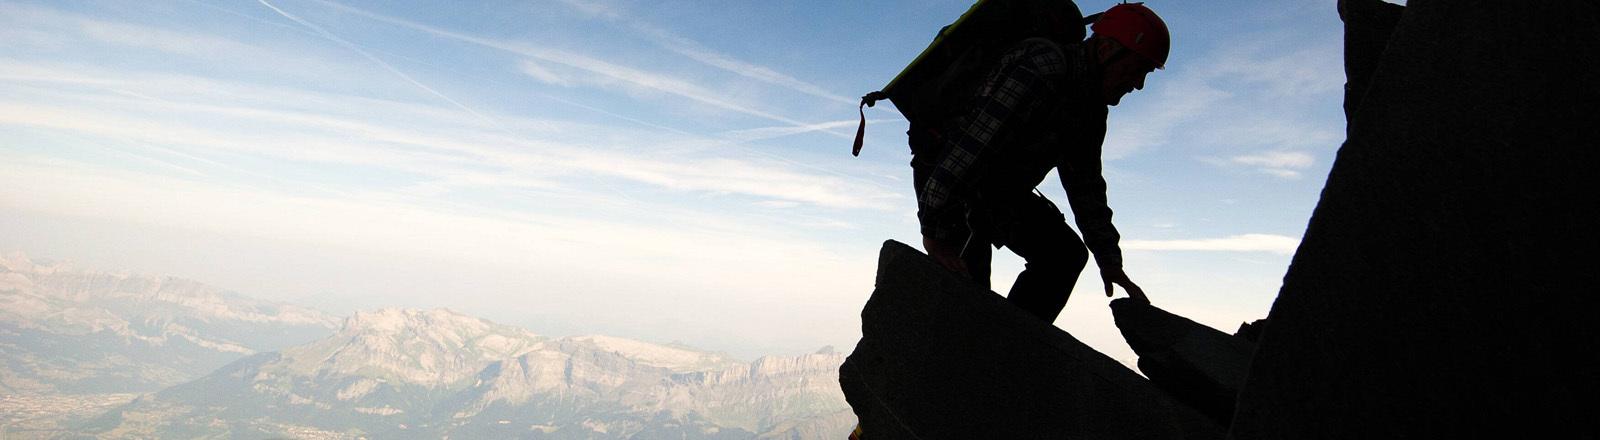 Ein Bergsteiger klettert auf einem Vorsprung, im Hintergrund ist ein Tal zu sehen.